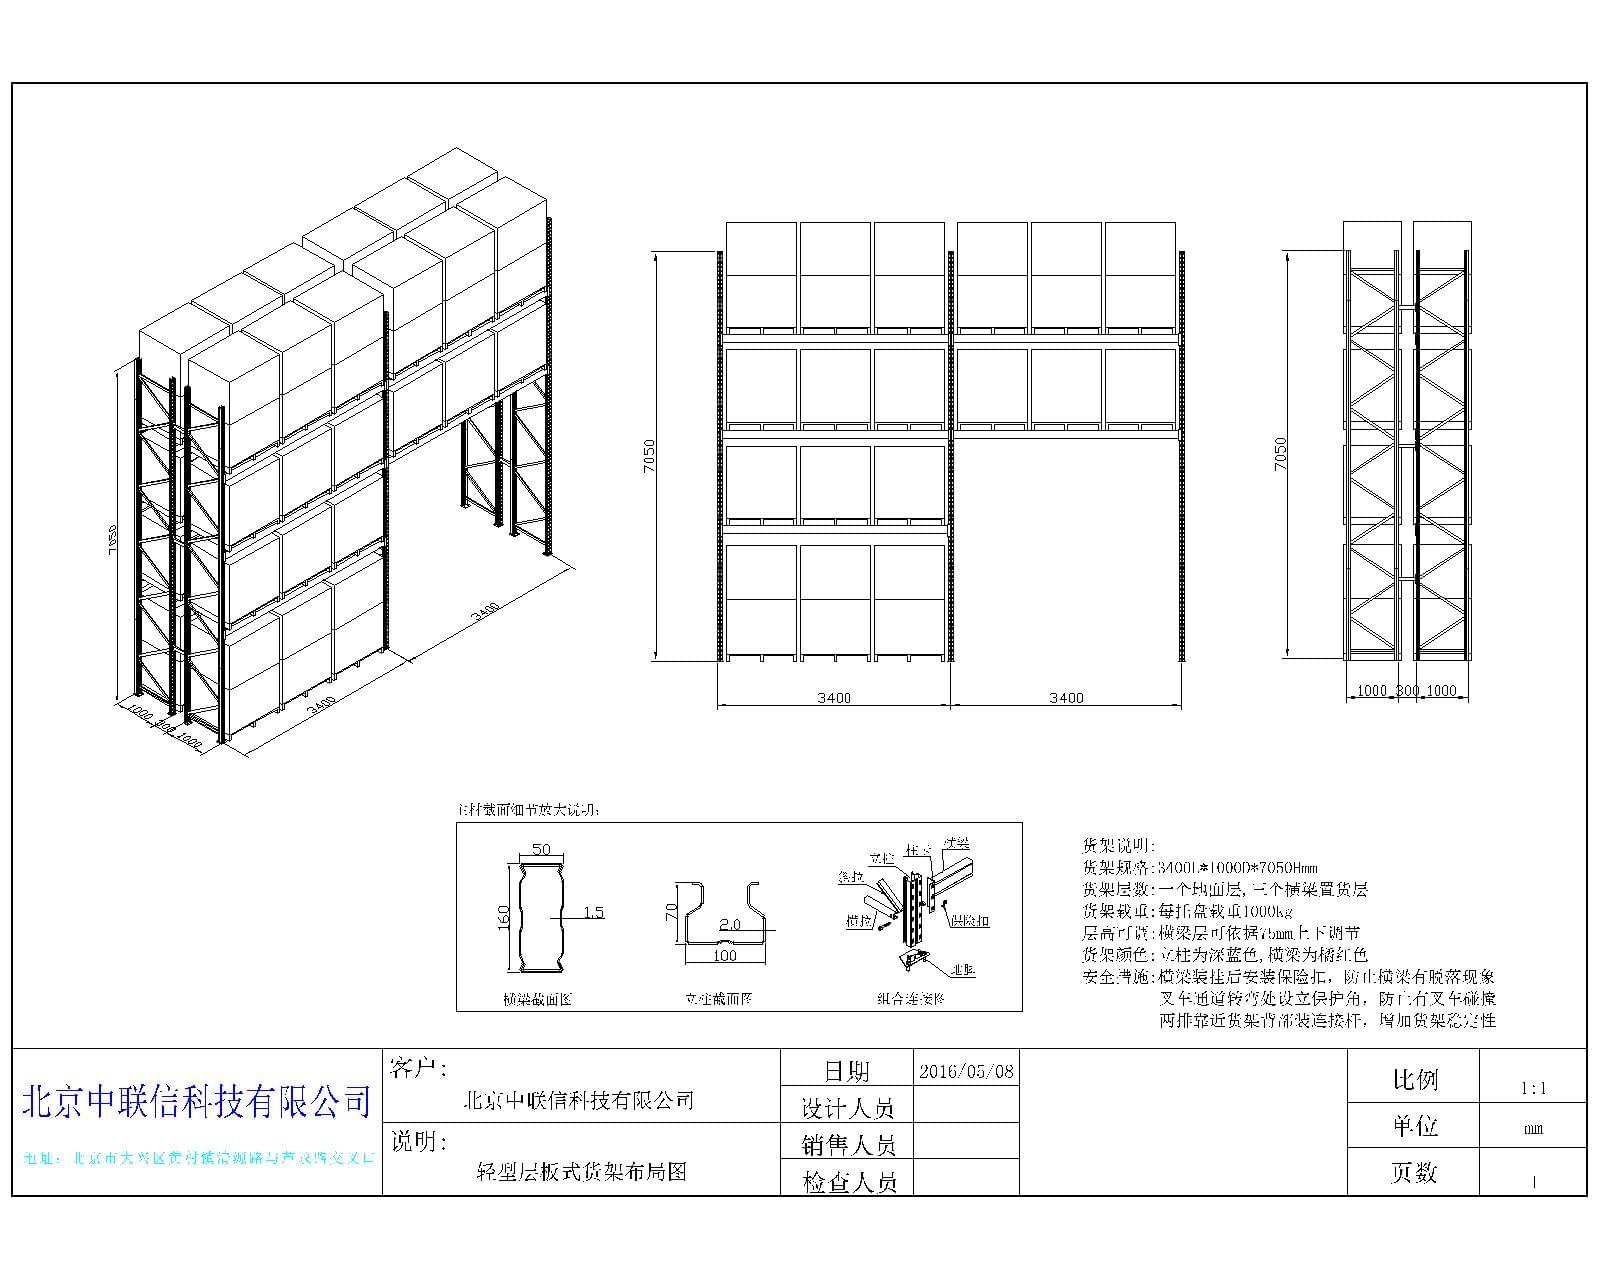 重型仓储货架,中型仓储货架,轻型仓库货架,仓储货架,库房货架,超市货架,货架,物品架,架子